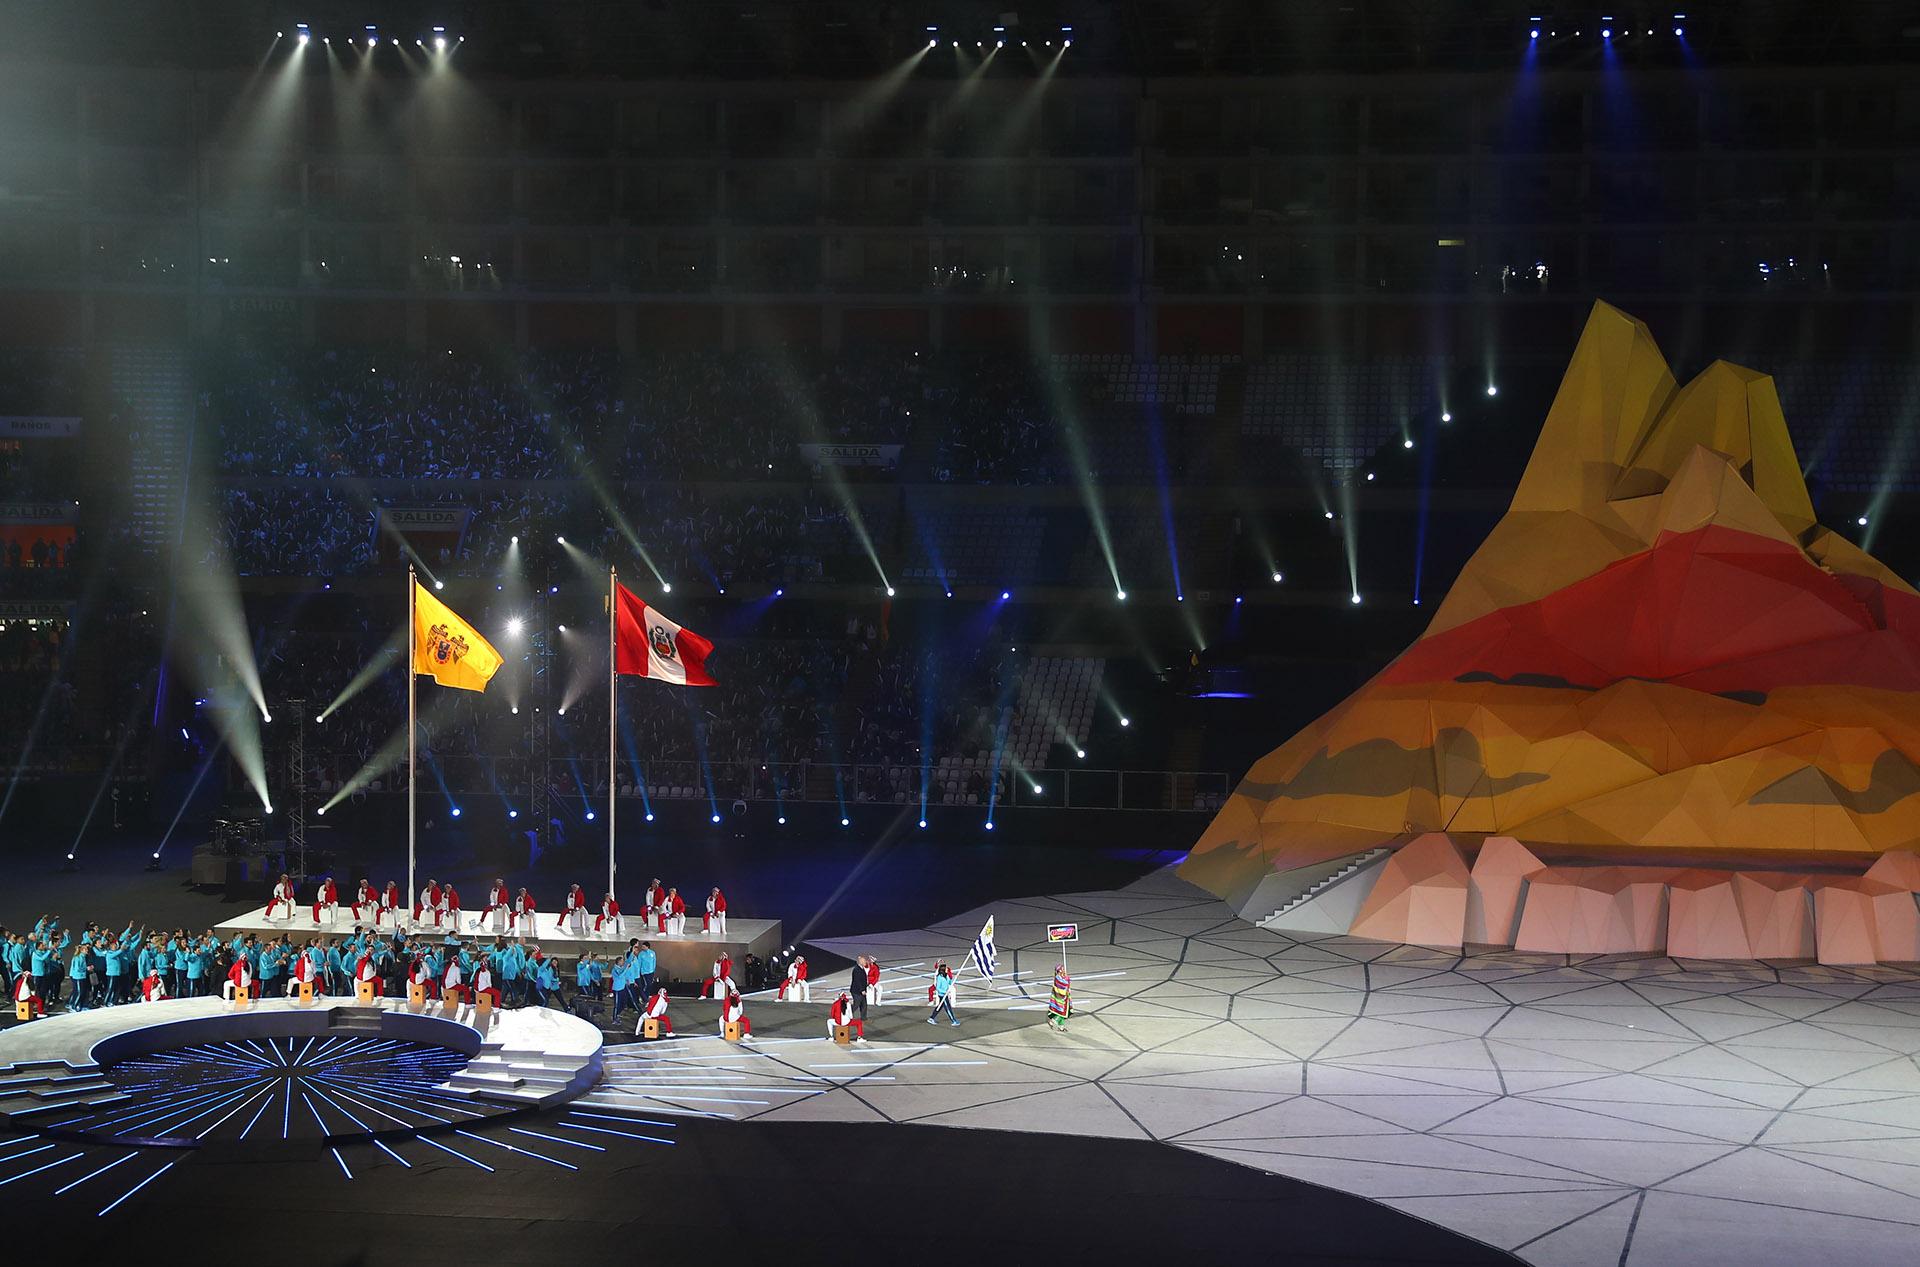 Una postal de la ceremonia de apertura de los Juegos Panamericanos (REUTERS/Pilar Olivares)